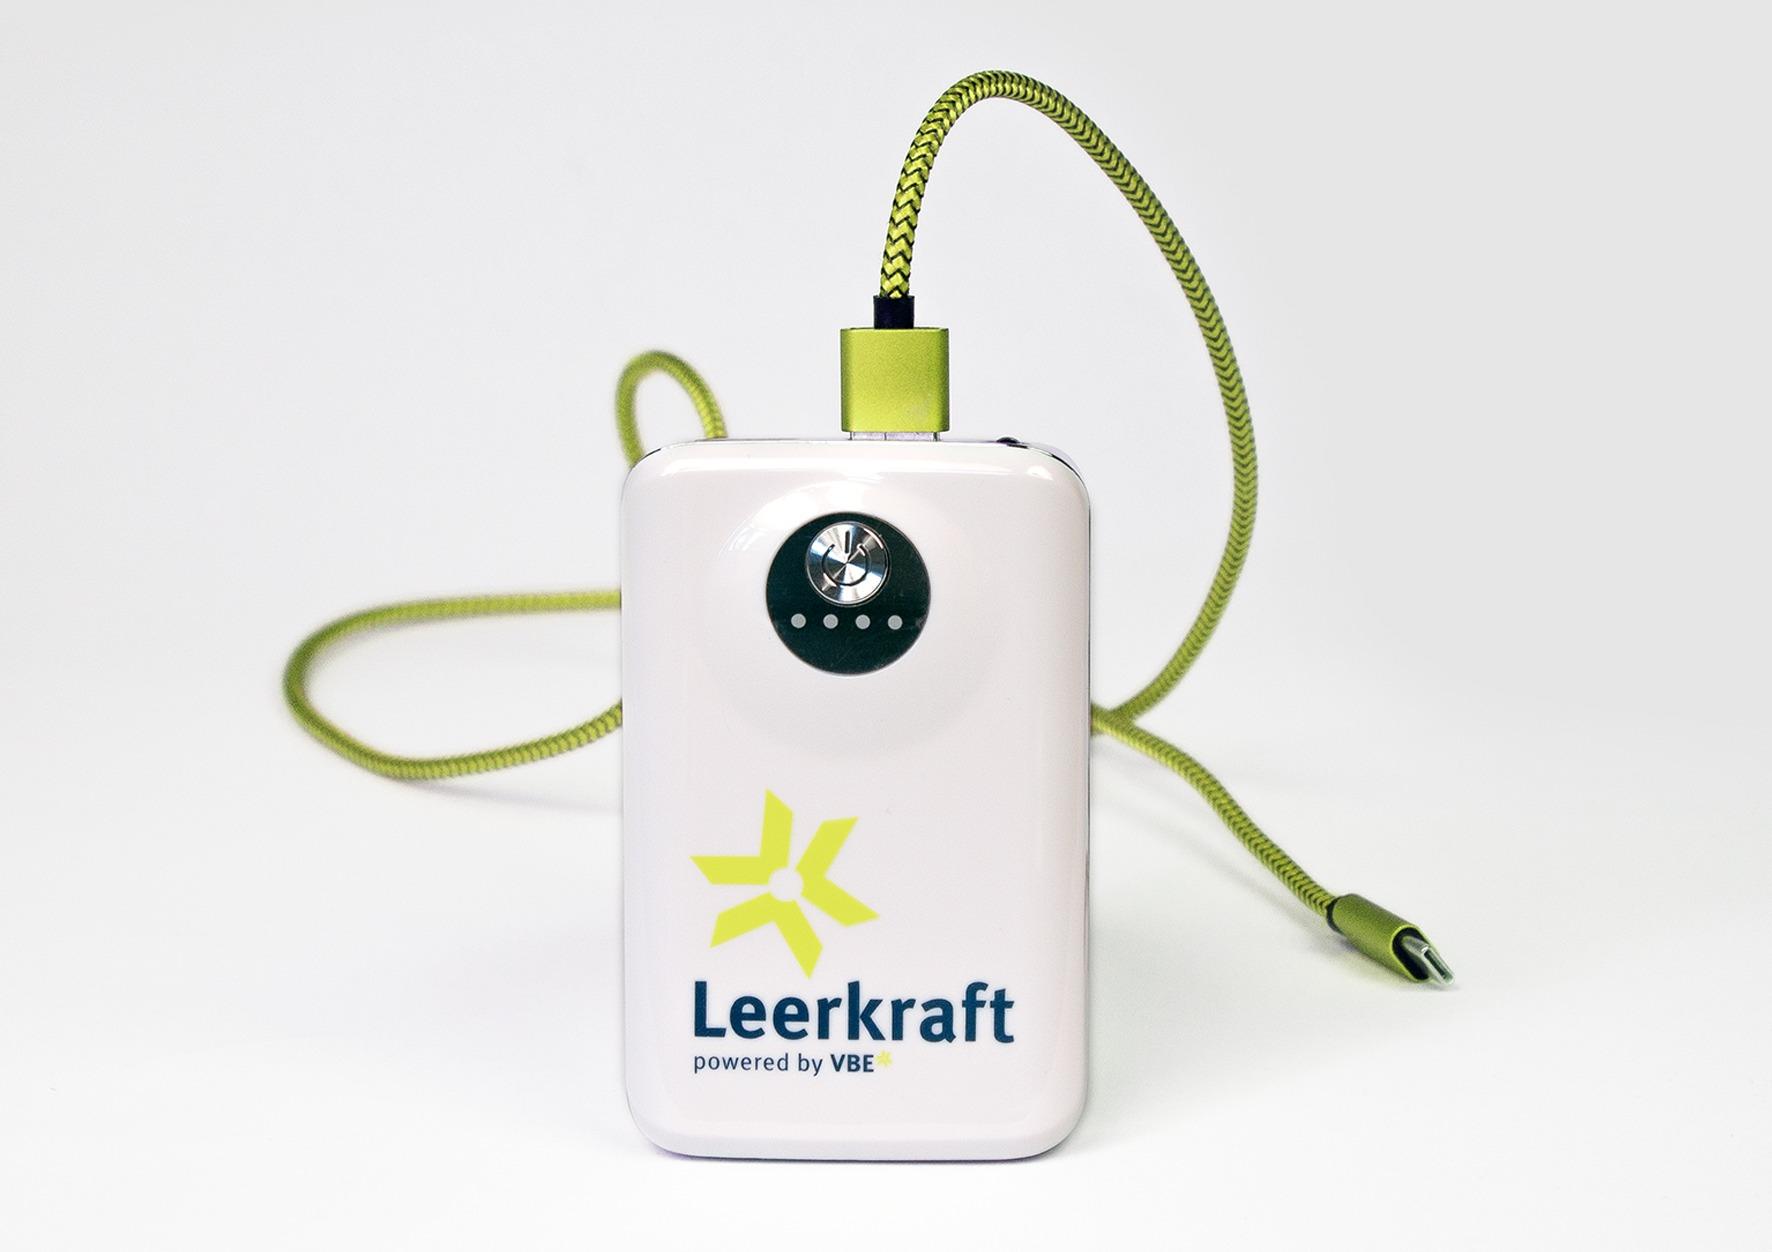 Powerbank als Prämie mit Slogan und Logo bedruckt - Merchandizing - Typoly